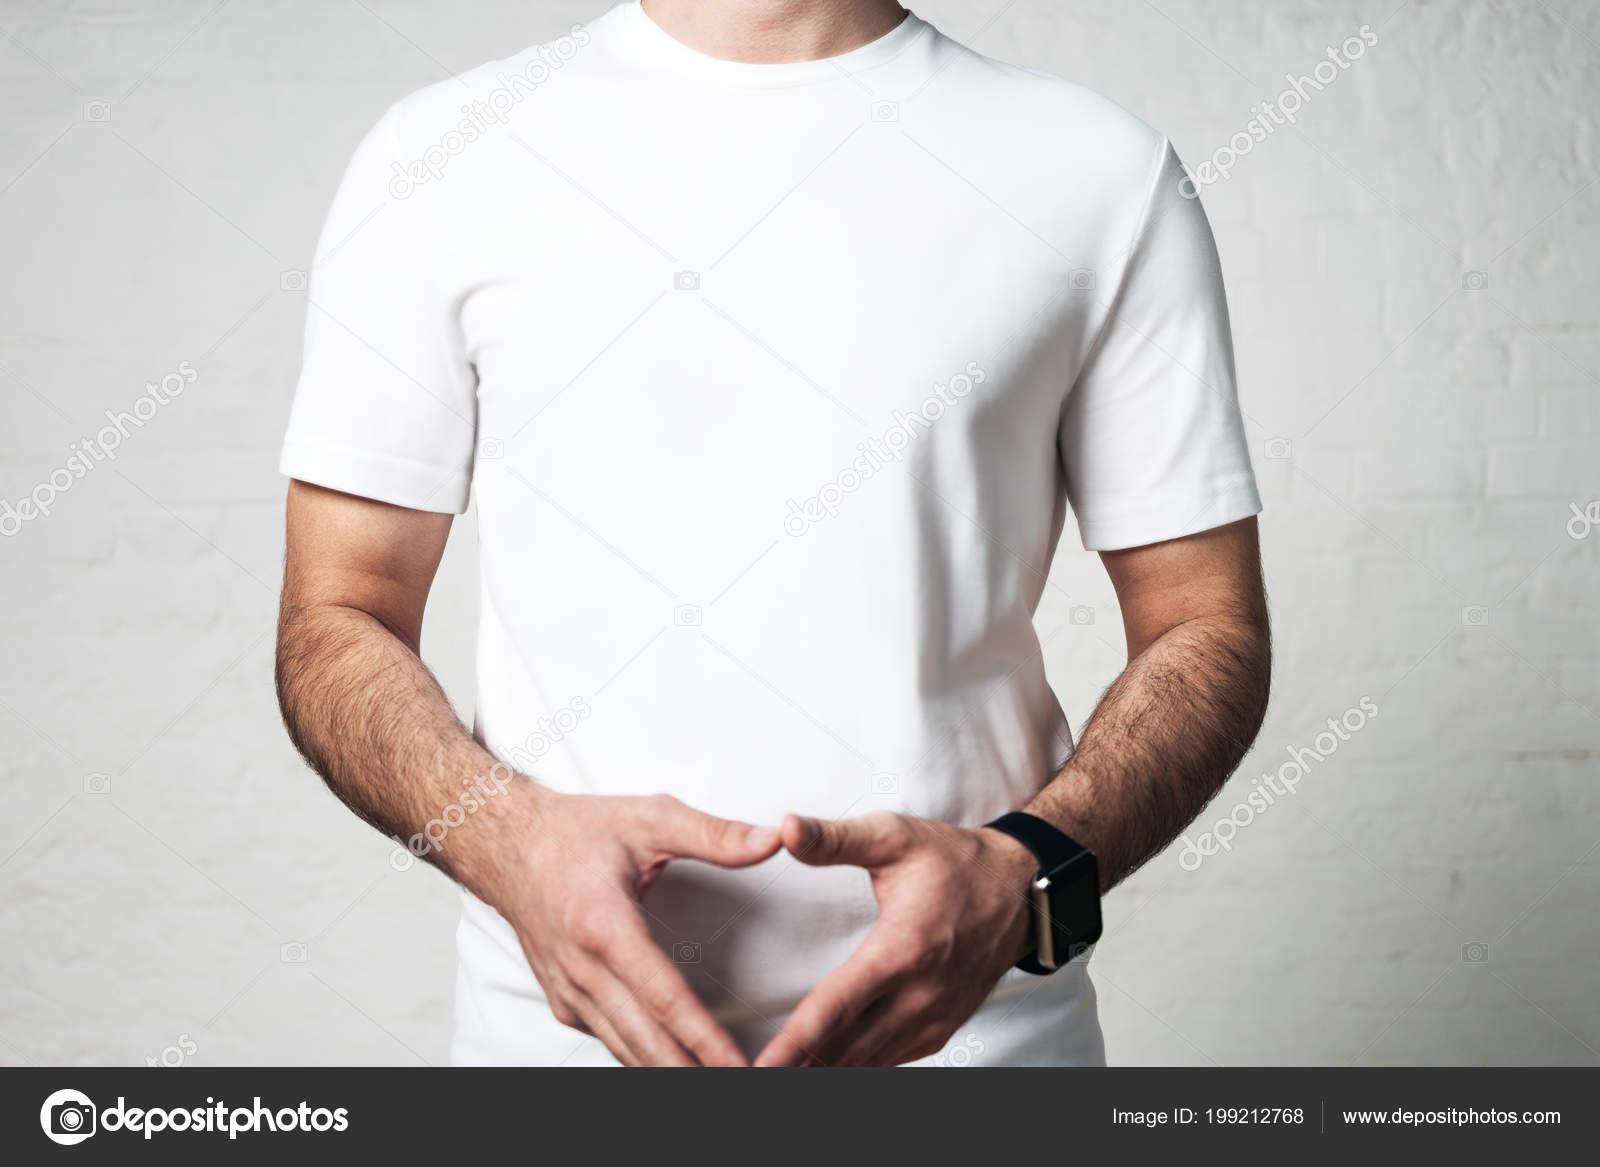 0cd11670d1ada Joven Atlético Blanco Camiseta Blanco Primer Plano Estudio Pared Vacía —  Fotos de Stock